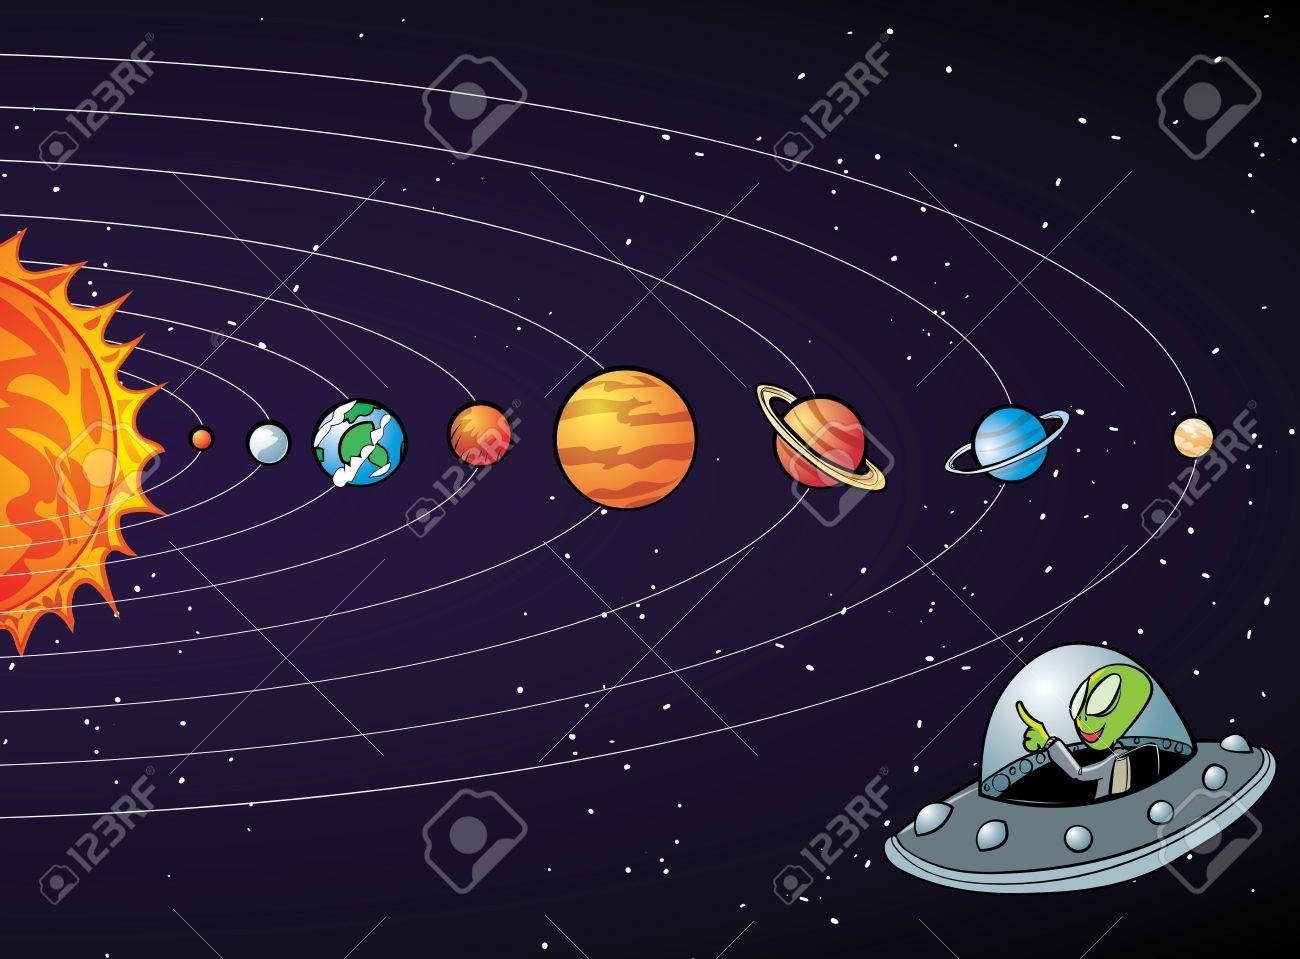 Dibujos Para Colorear Del Sistema Solar: Resultado De Imagen Para Sistema Solar Dibujo Animado